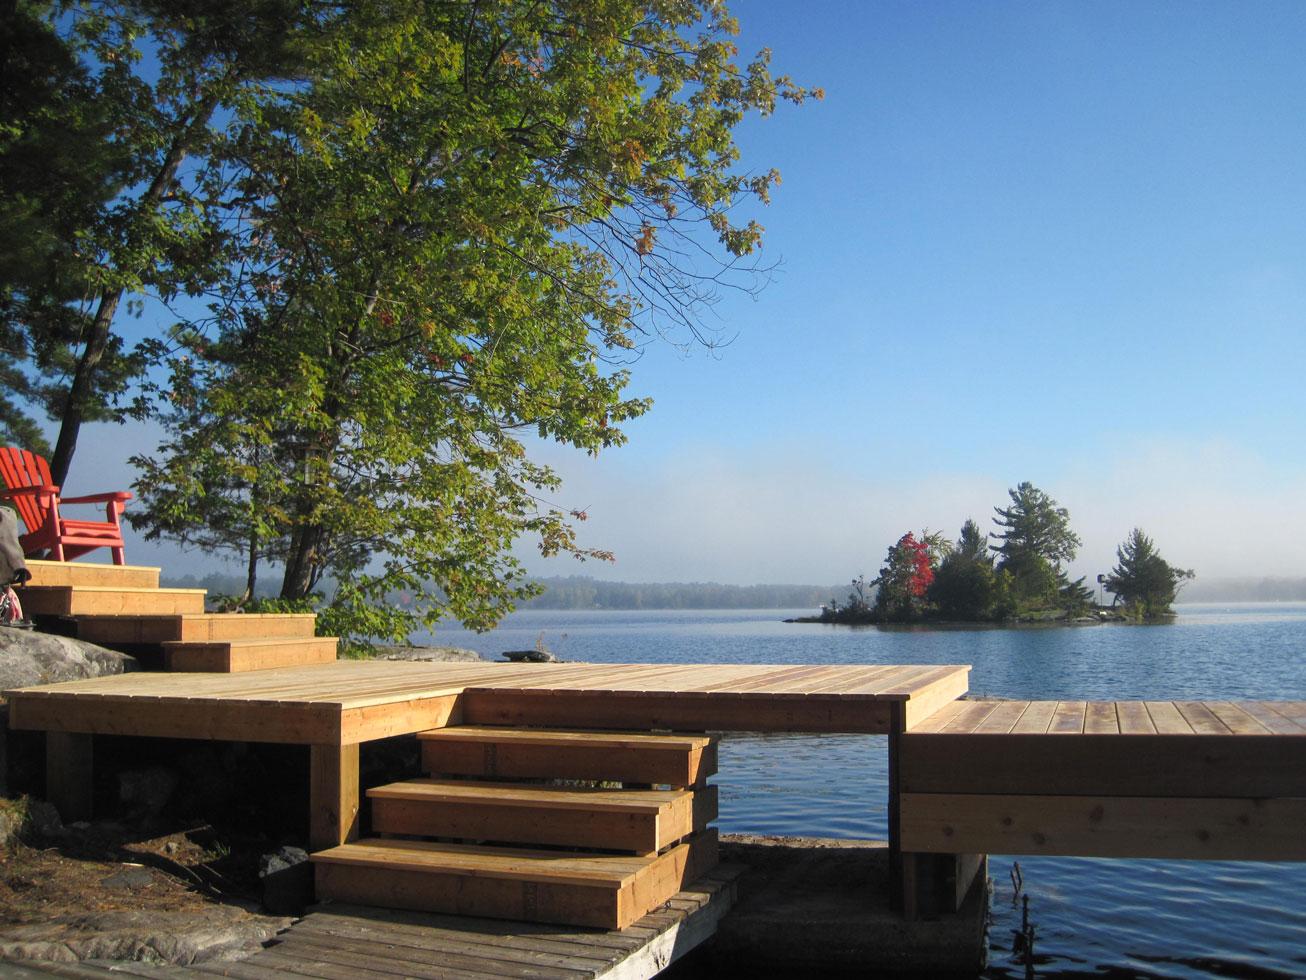 Stoney-Lake-Dock-1.jpg